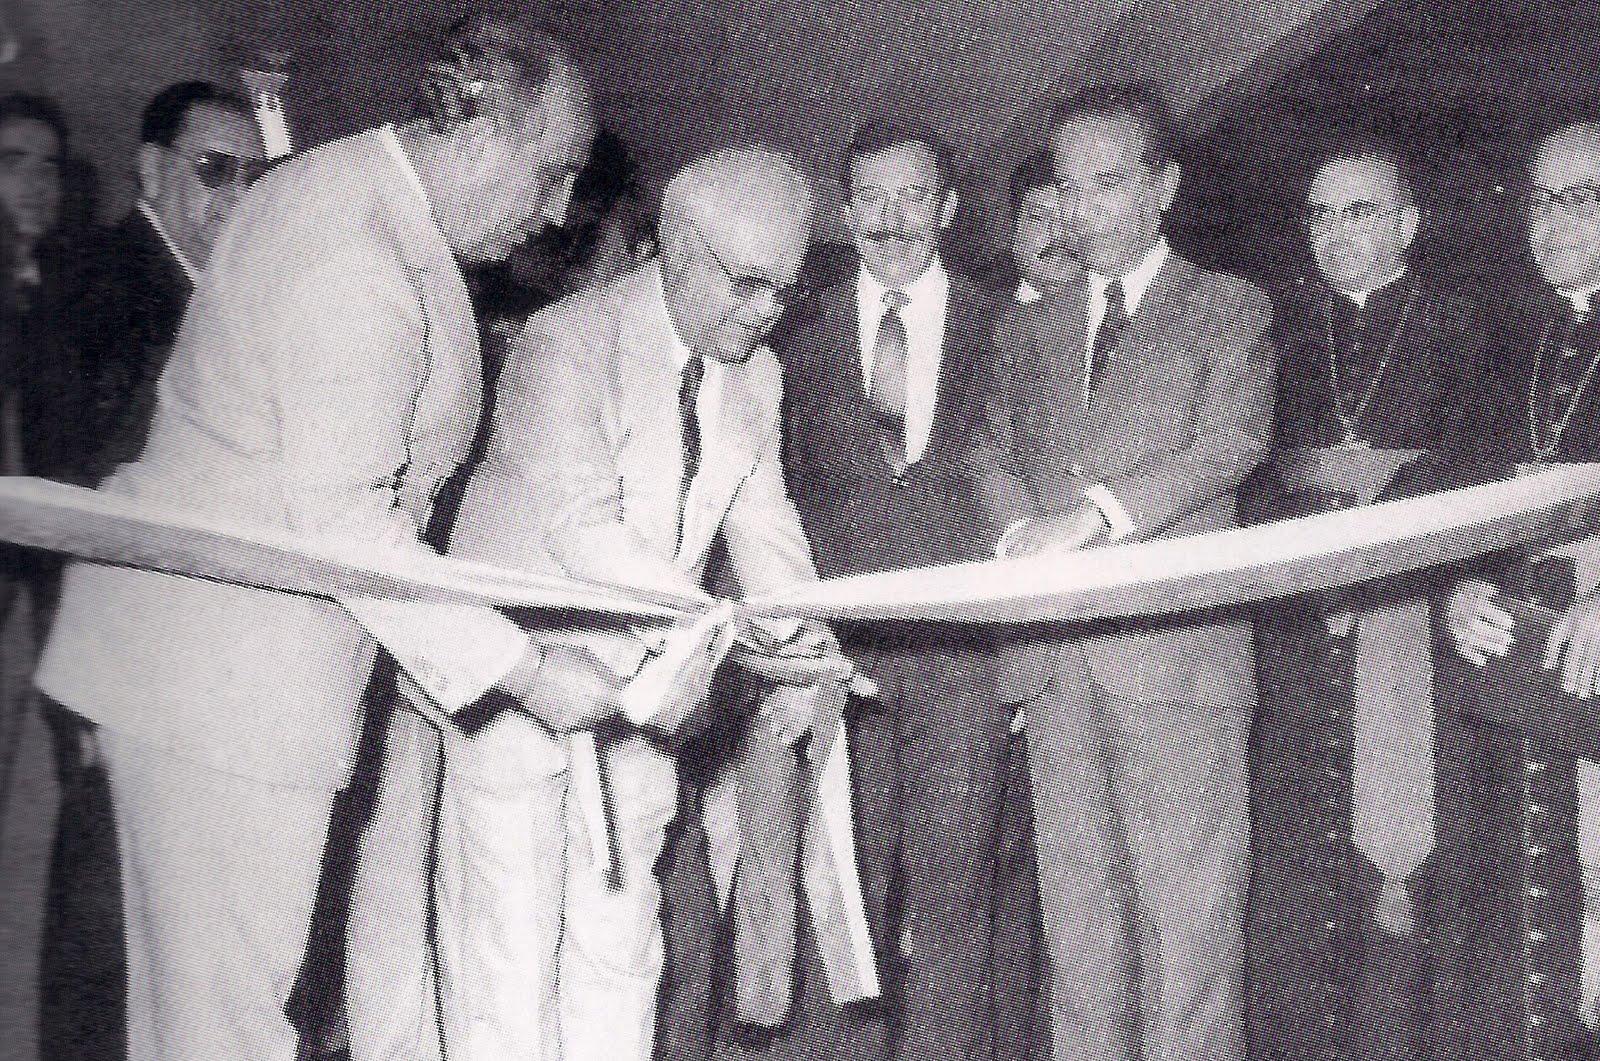 Inauguração do SENAC - Década de 1980